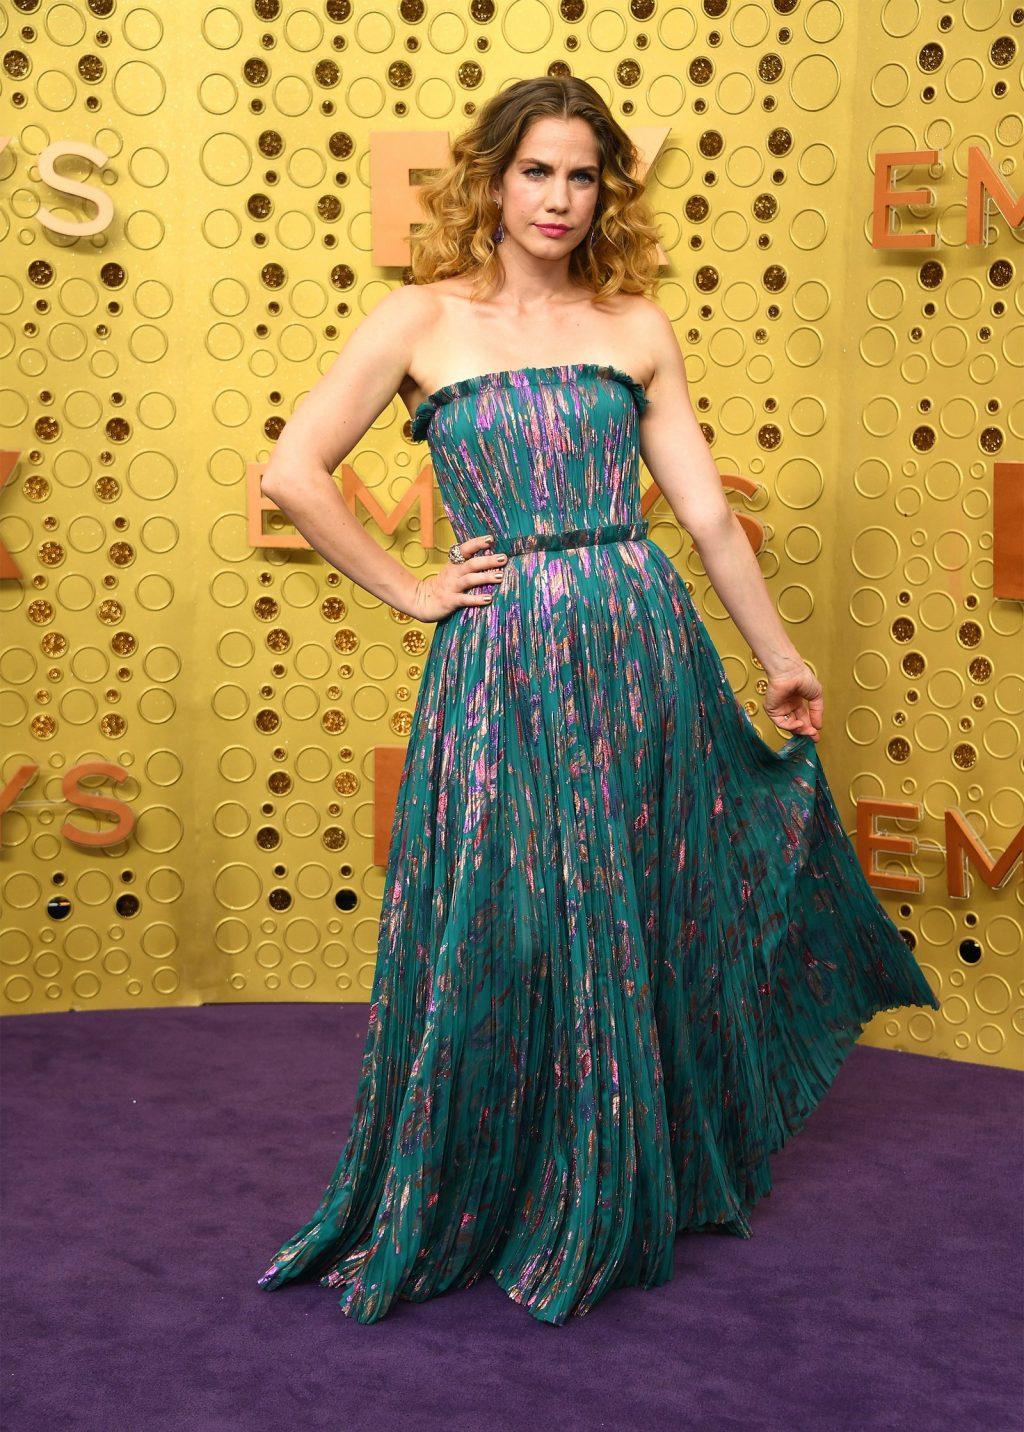 Anna Chlumsky xuất trong trang phục từ nhà mốt J. Mendel. Năm nay, cô được đề cử cho hạng mục nữ diễn viên phụ xuất sắc tại lễ trao giải Emmy 2019.